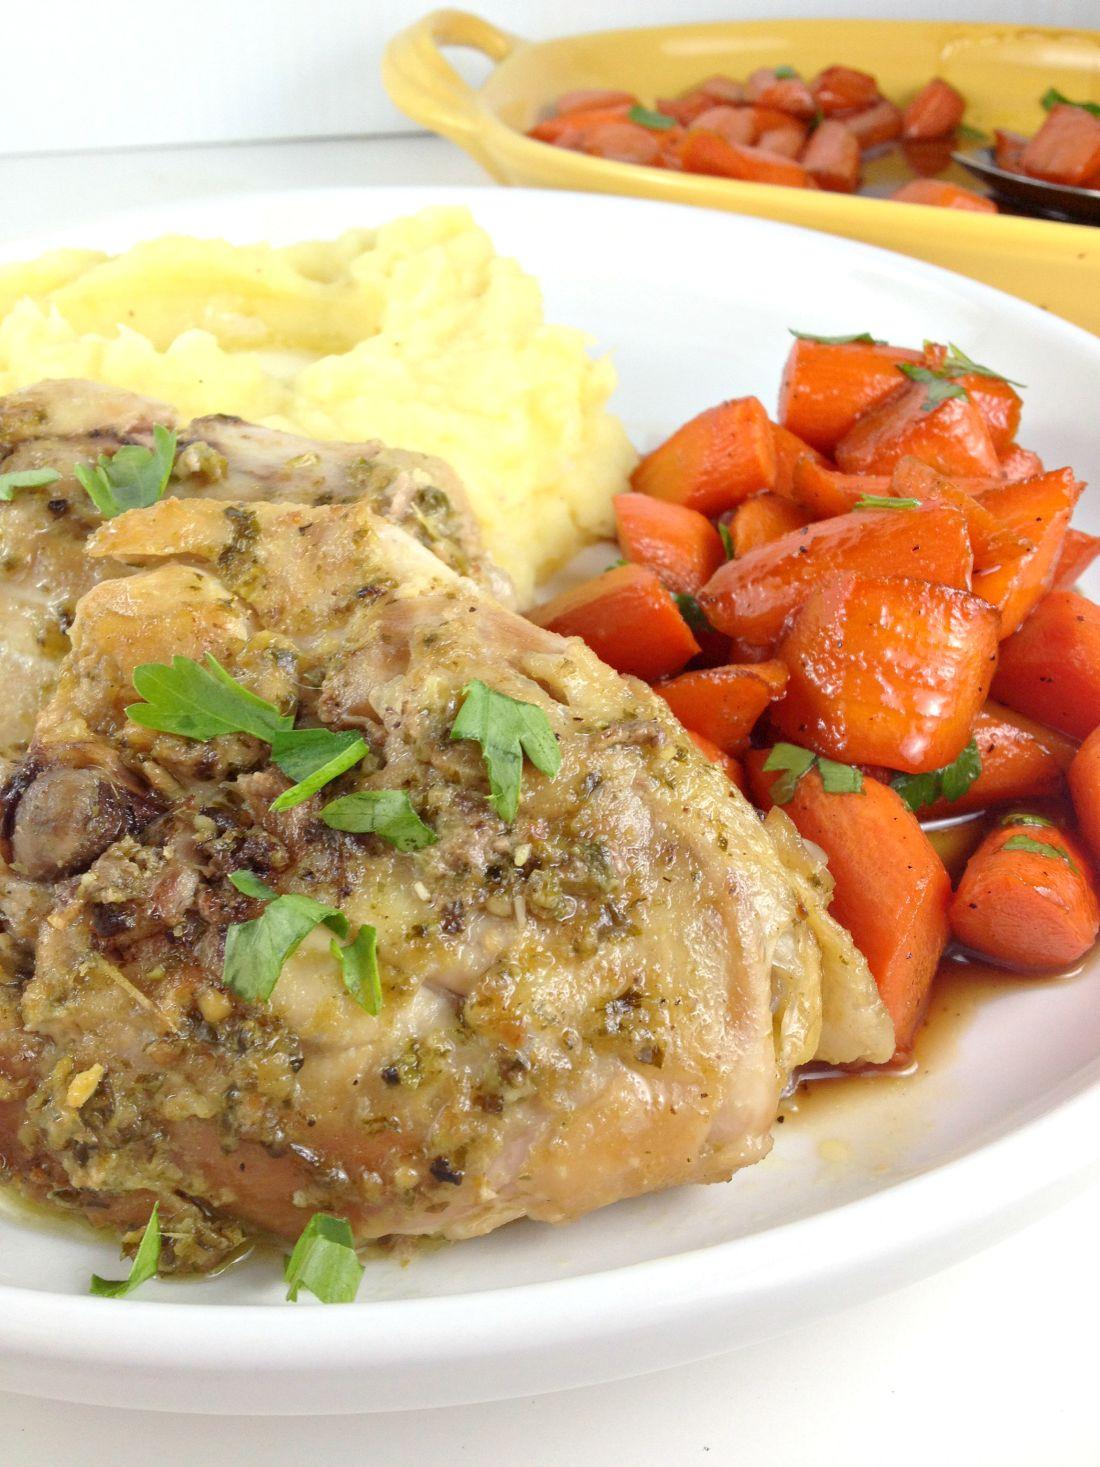 Pesto Ranch Crock Pot Chicken